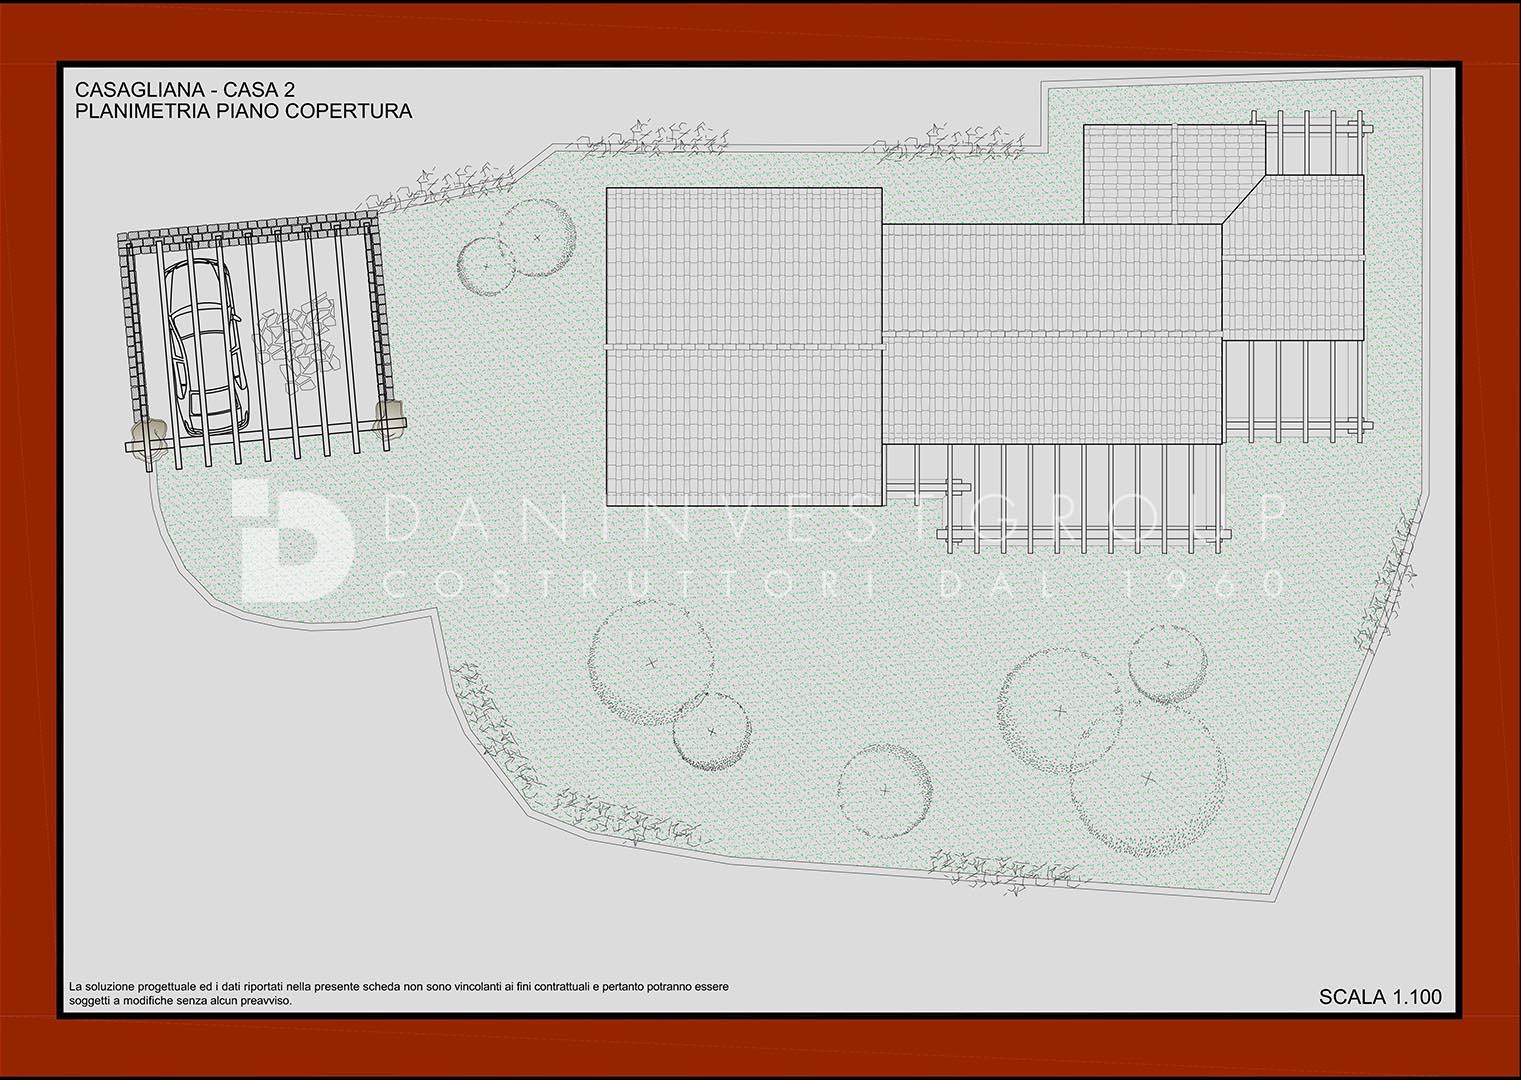 Planimetria Piano copertura